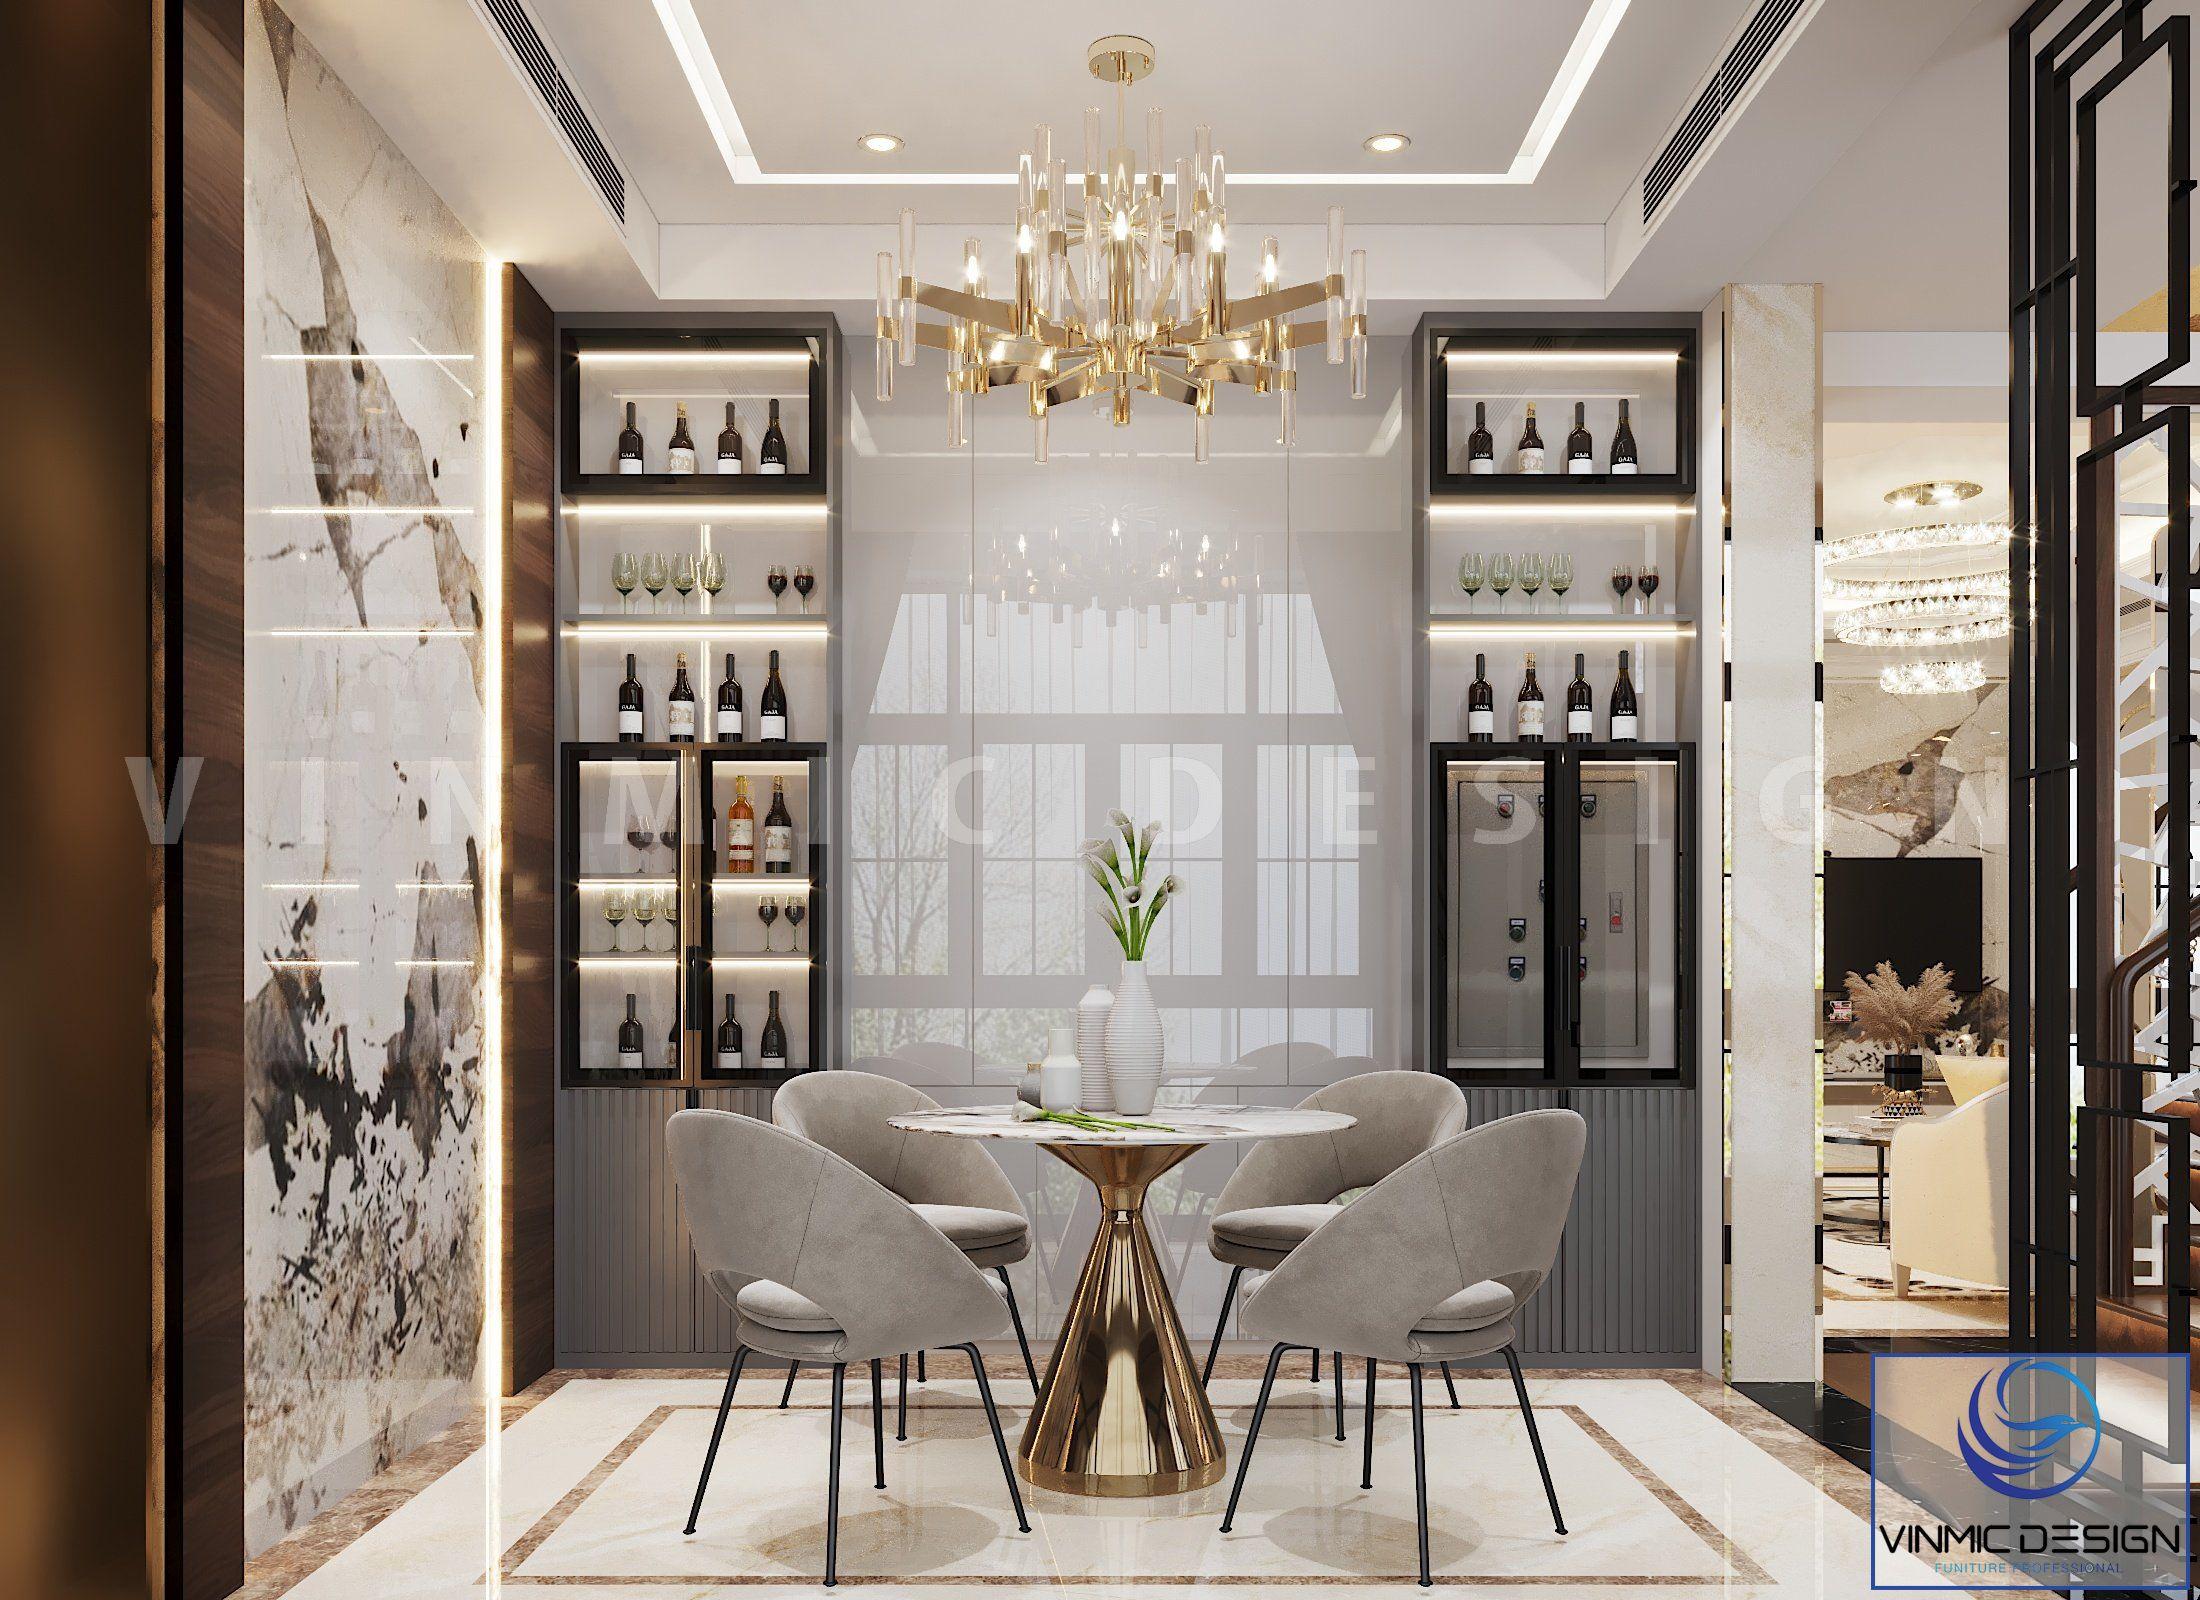 Thiết kế không gian sinh hoạt chung tiện nghi tại tầng 2 căn biệt thự Vinhomes Imperia Hải Phòng